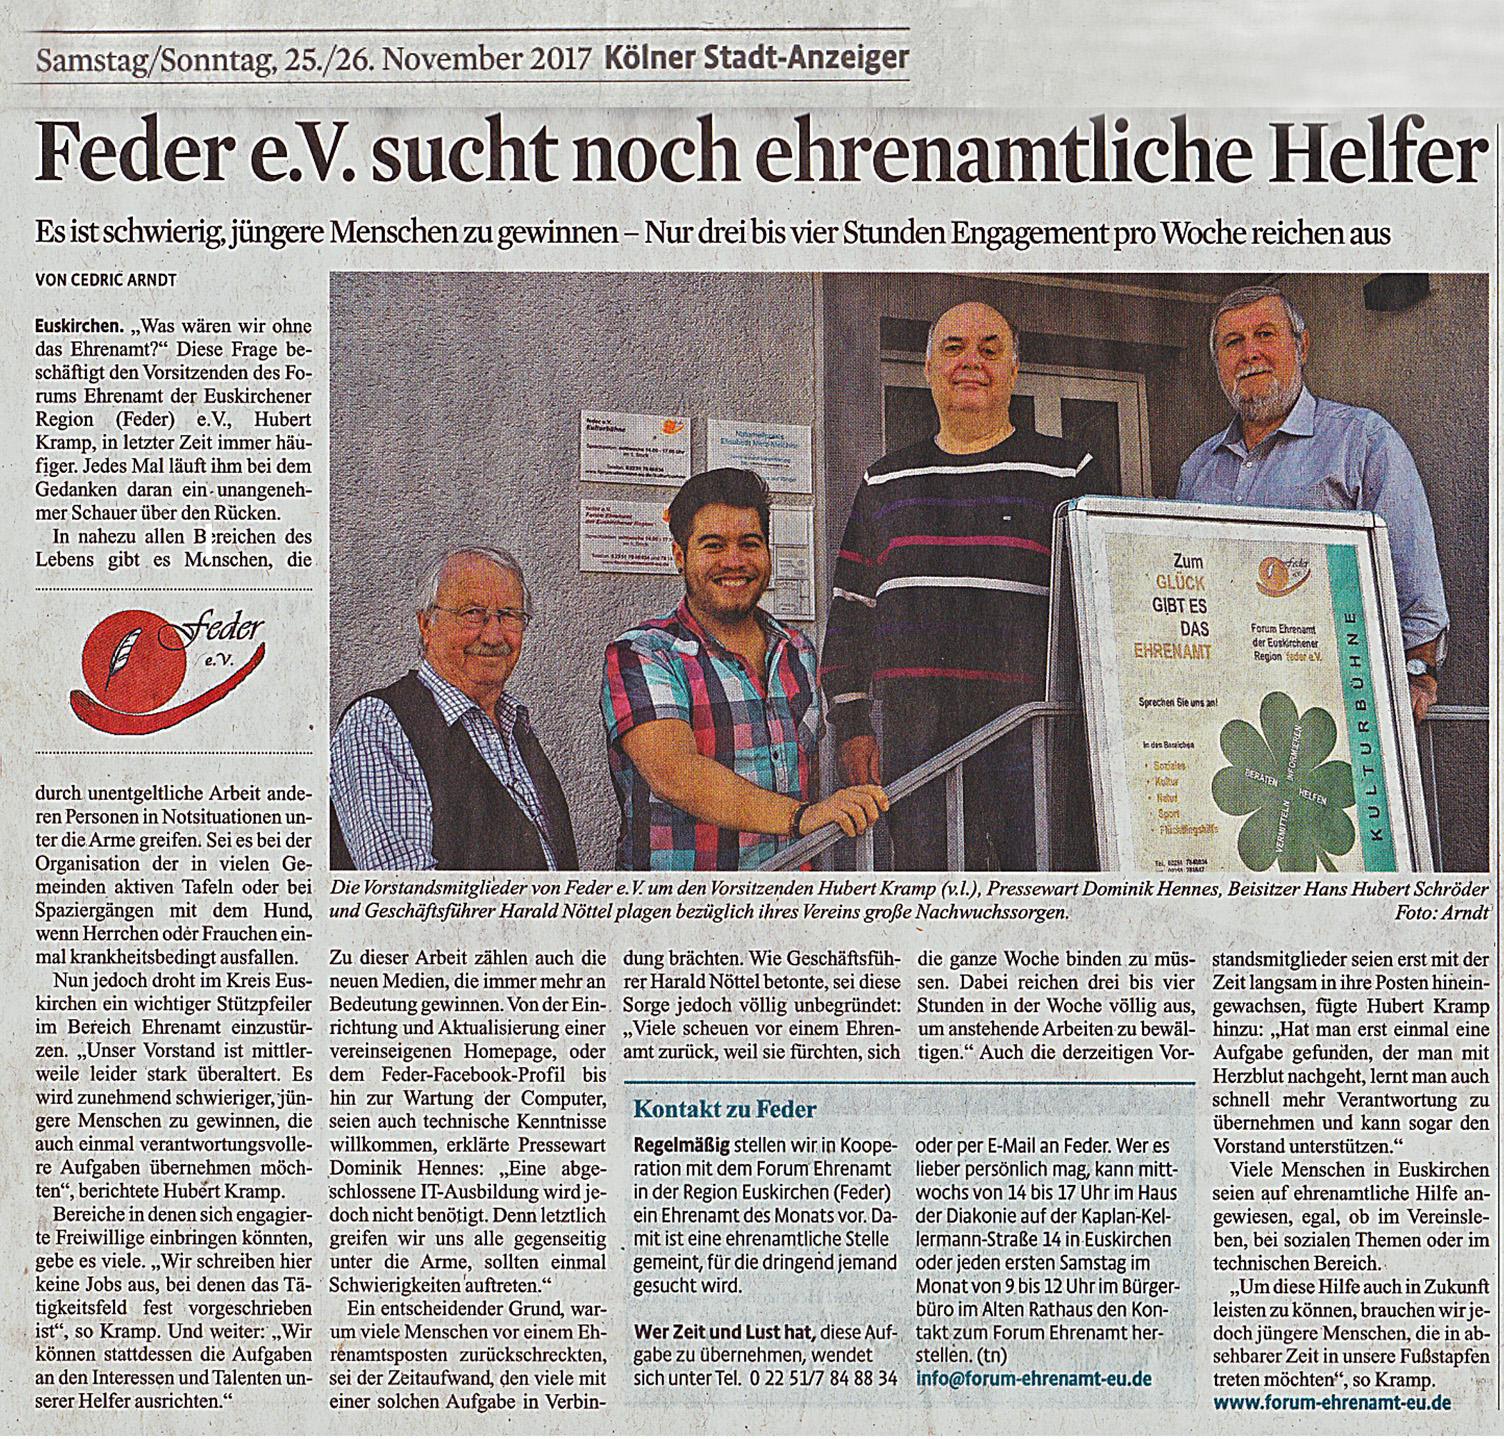 2017 11 EdM feder (w)